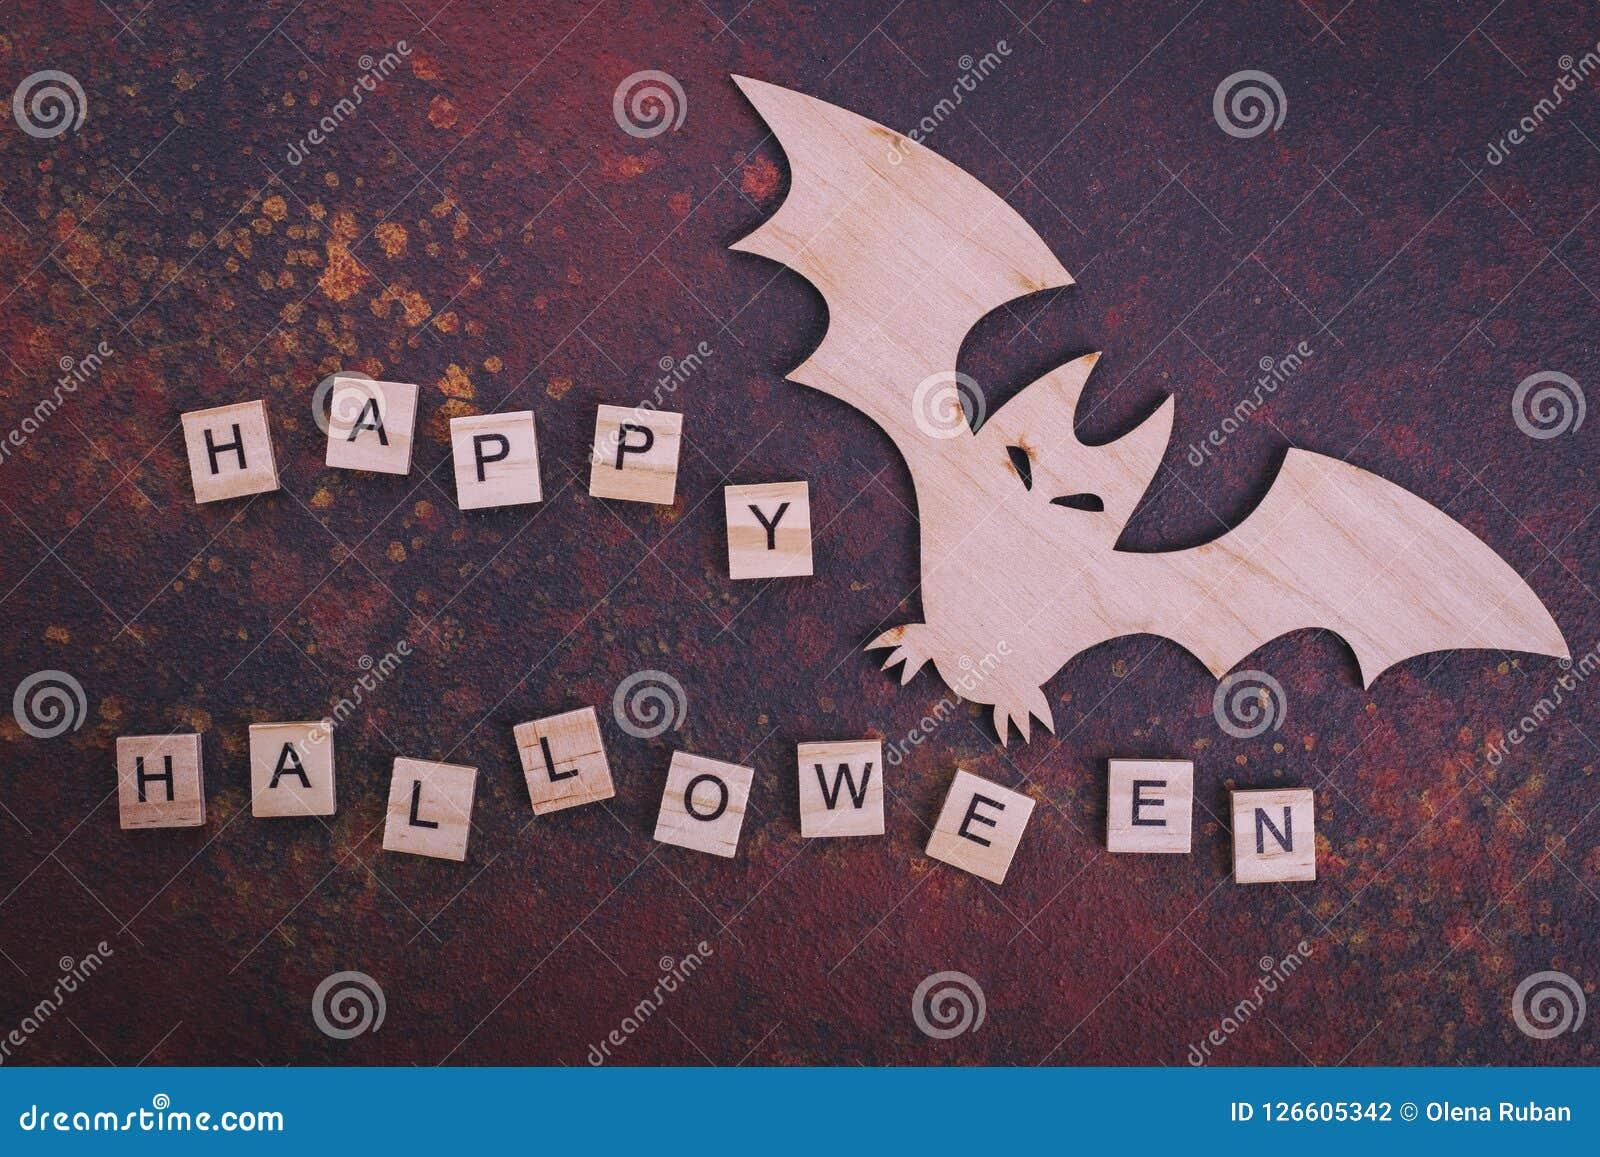 Wooden bat, text Happy Halloween